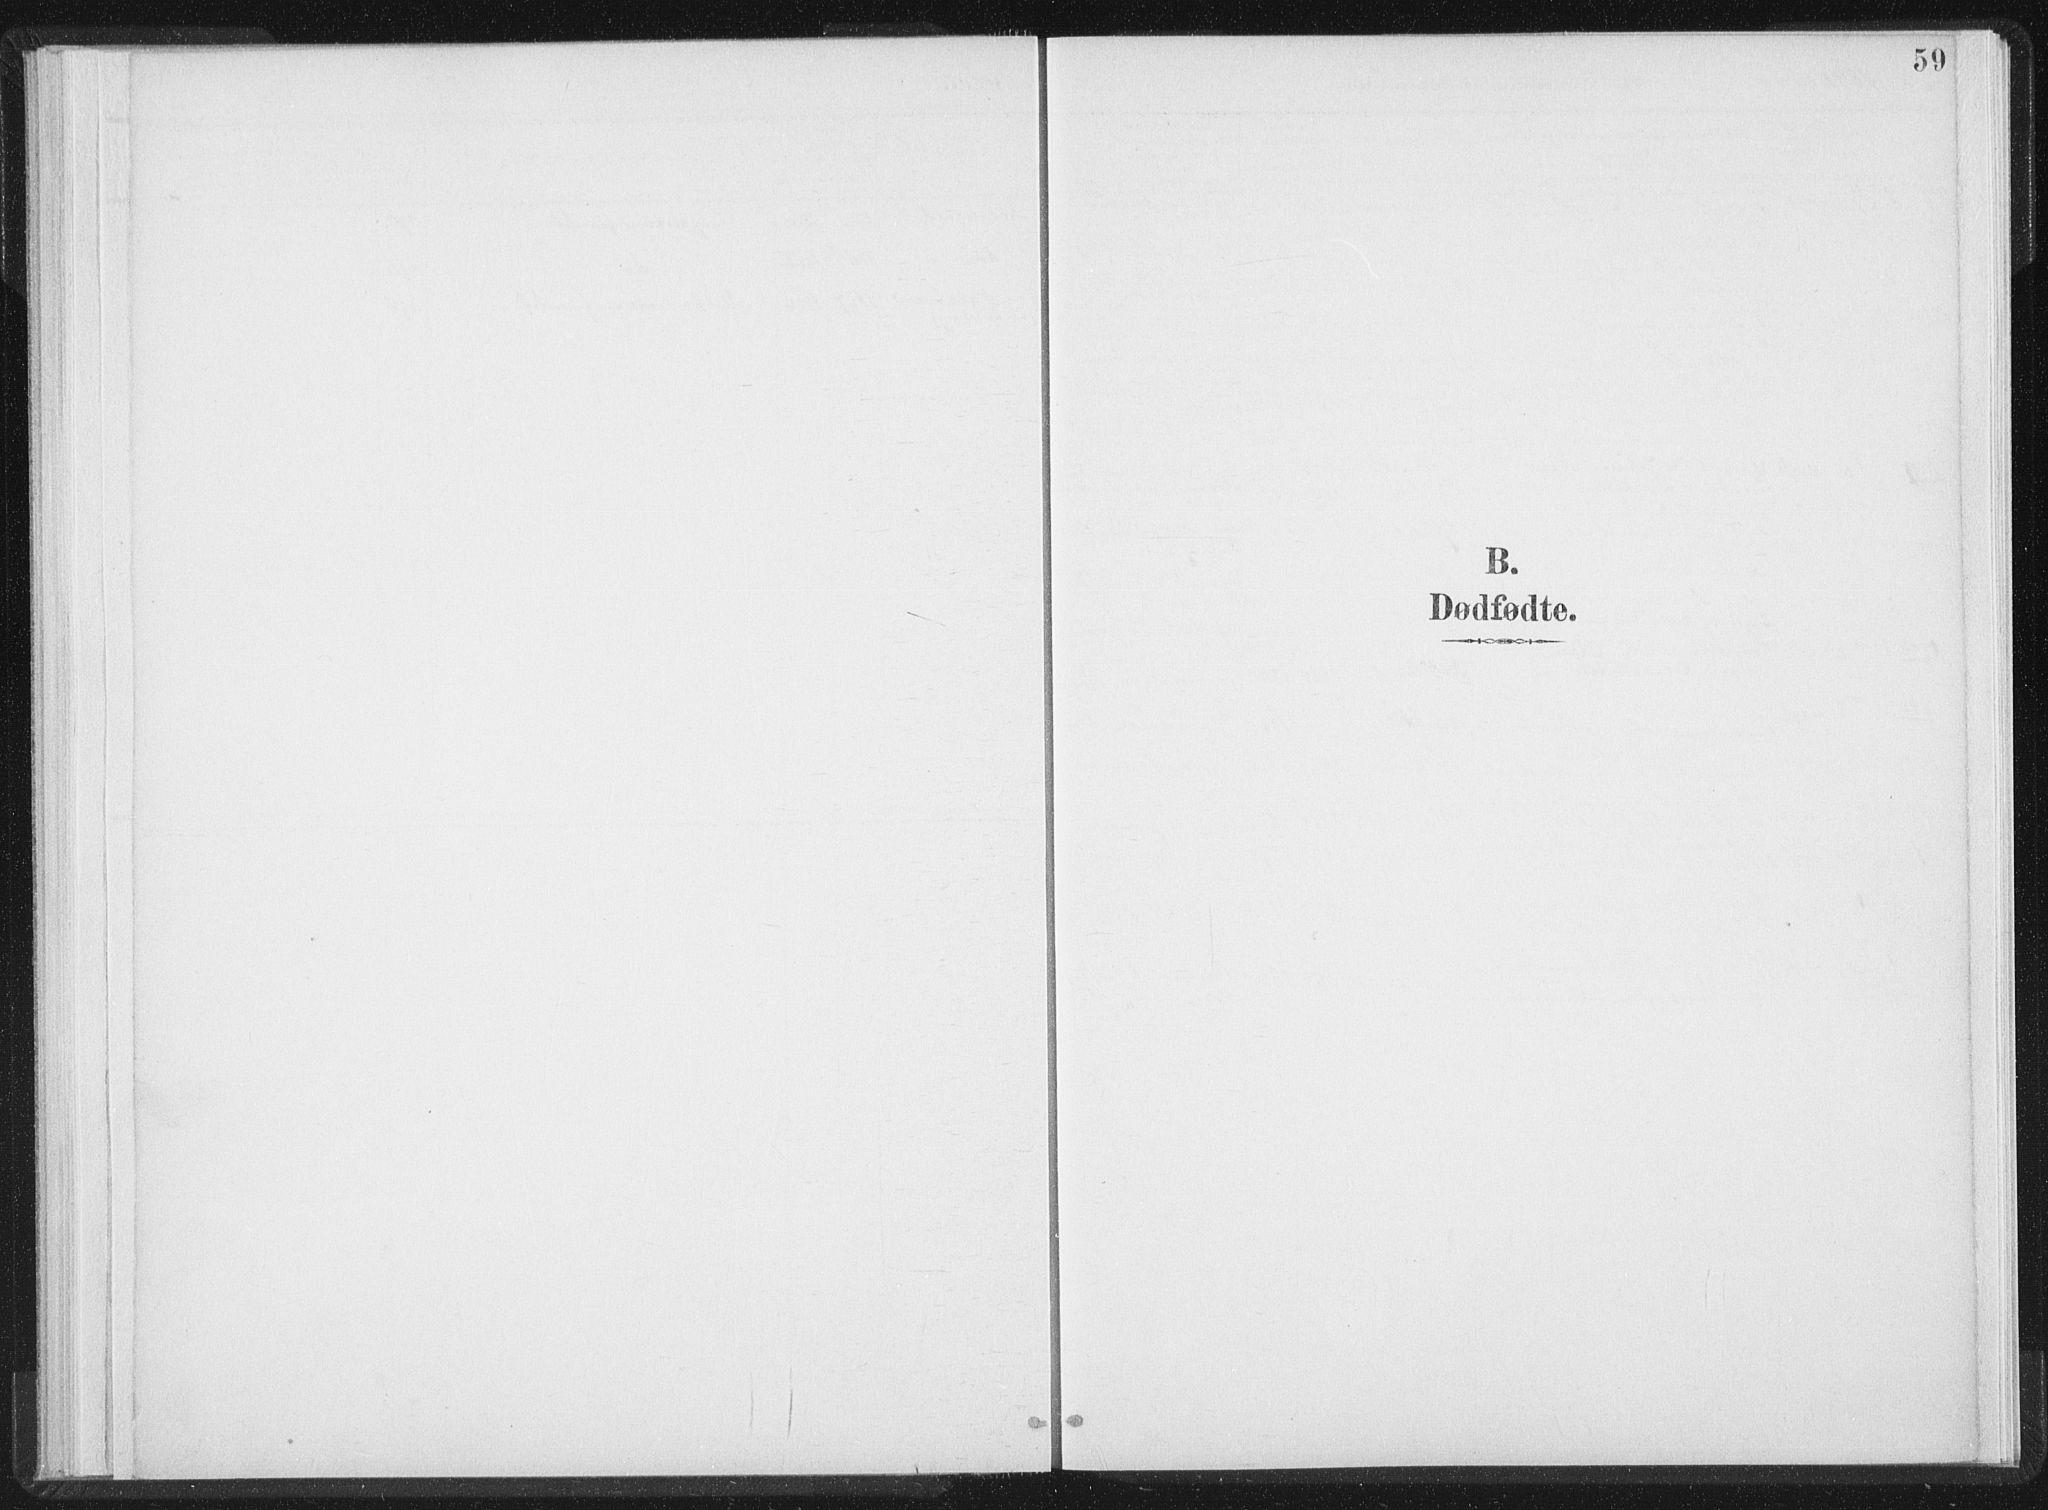 SAT, Ministerialprotokoller, klokkerbøker og fødselsregistre - Nord-Trøndelag, 724/L0263: Ministerialbok nr. 724A01, 1891-1907, s. 59